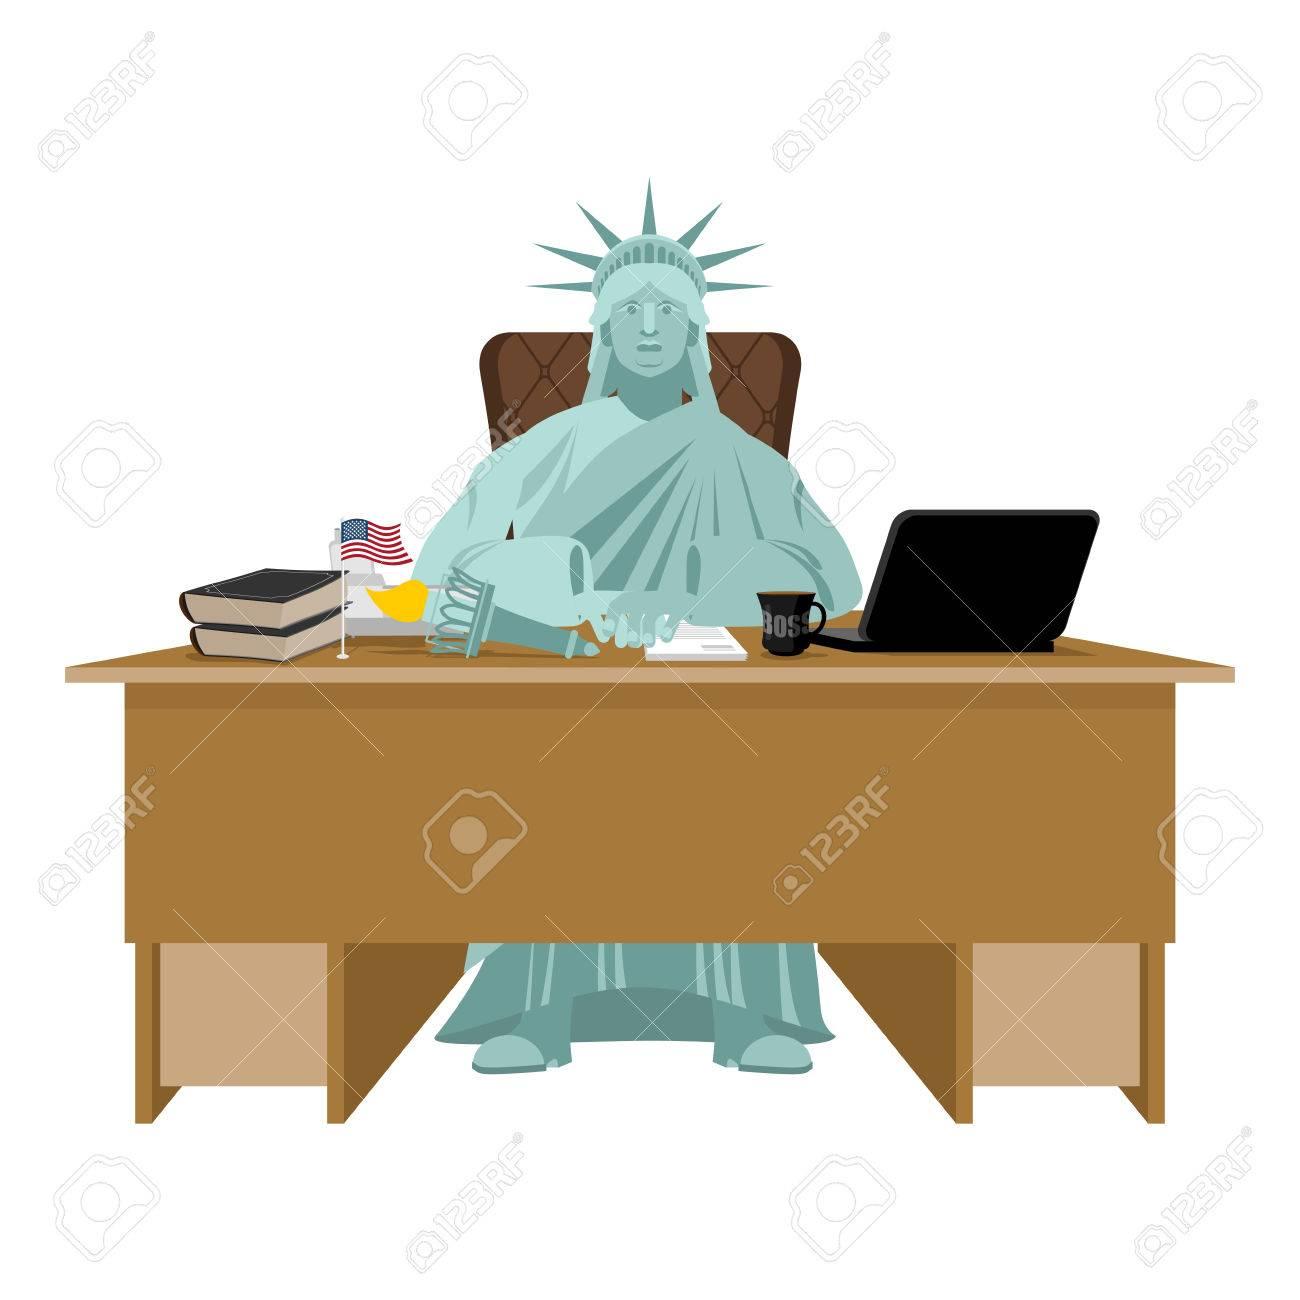 Vettoriale Statua Della Liberta Seduto In Ufficio Capo Americano Al Tavolo Imprenditore Da Stati Uniti Alla Scrivania Supervisore Sul Posto Di Lavoro Direttore Desktop Laptop E Telefono Tazza Di Caffe E